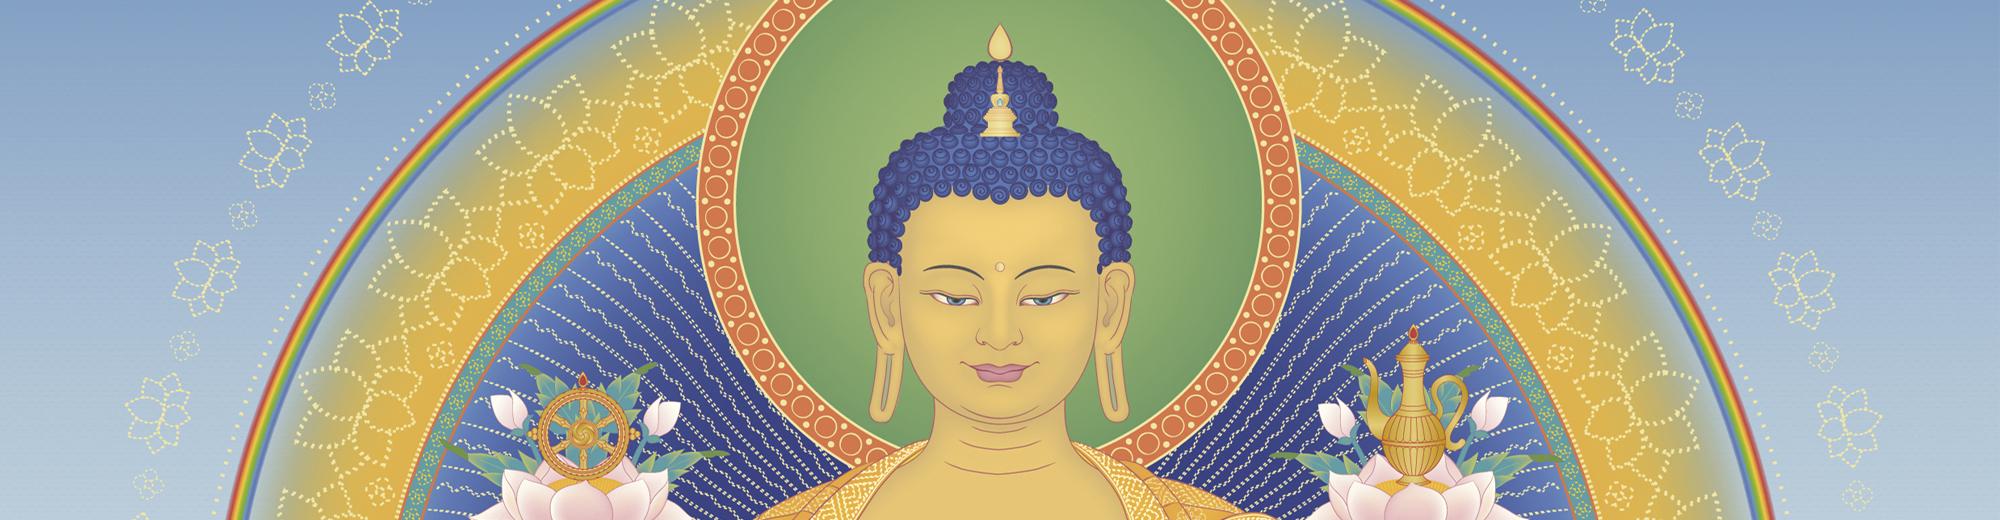 Buddhist meditation center huntington ny